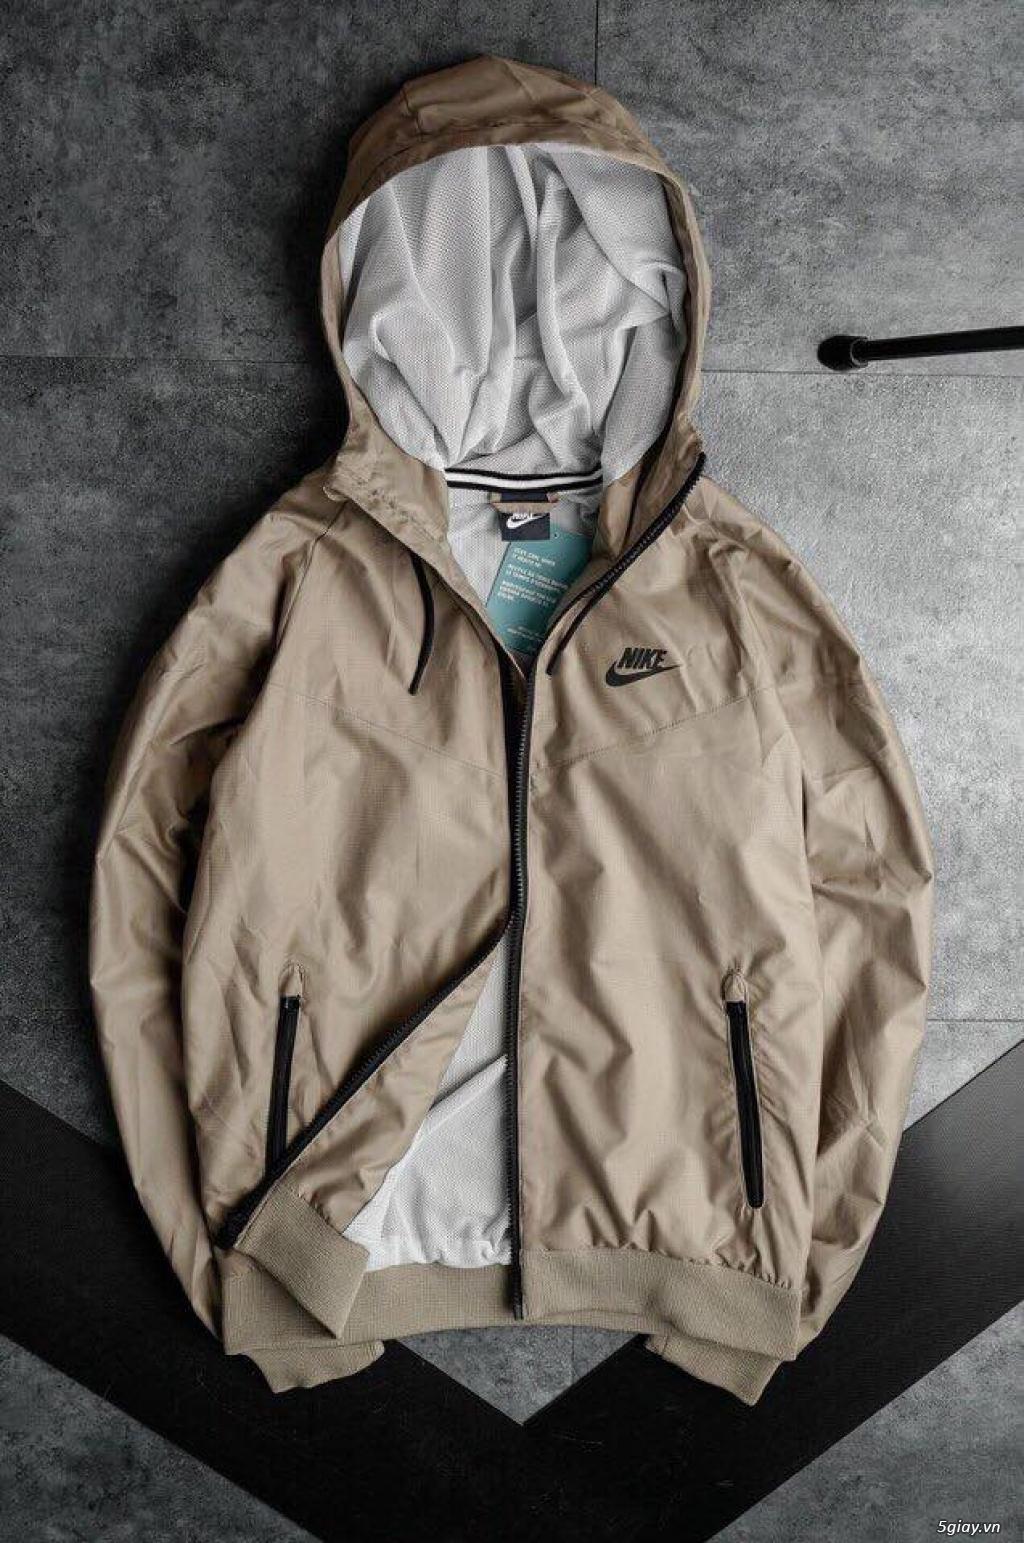 [Trùm Áo Khoác]-Chuyên kinh doanh Sỉ & Lẻ áo khoác NIKE, Adidas, Zara, Uniqlo ... chính hãng giá tốt - 44